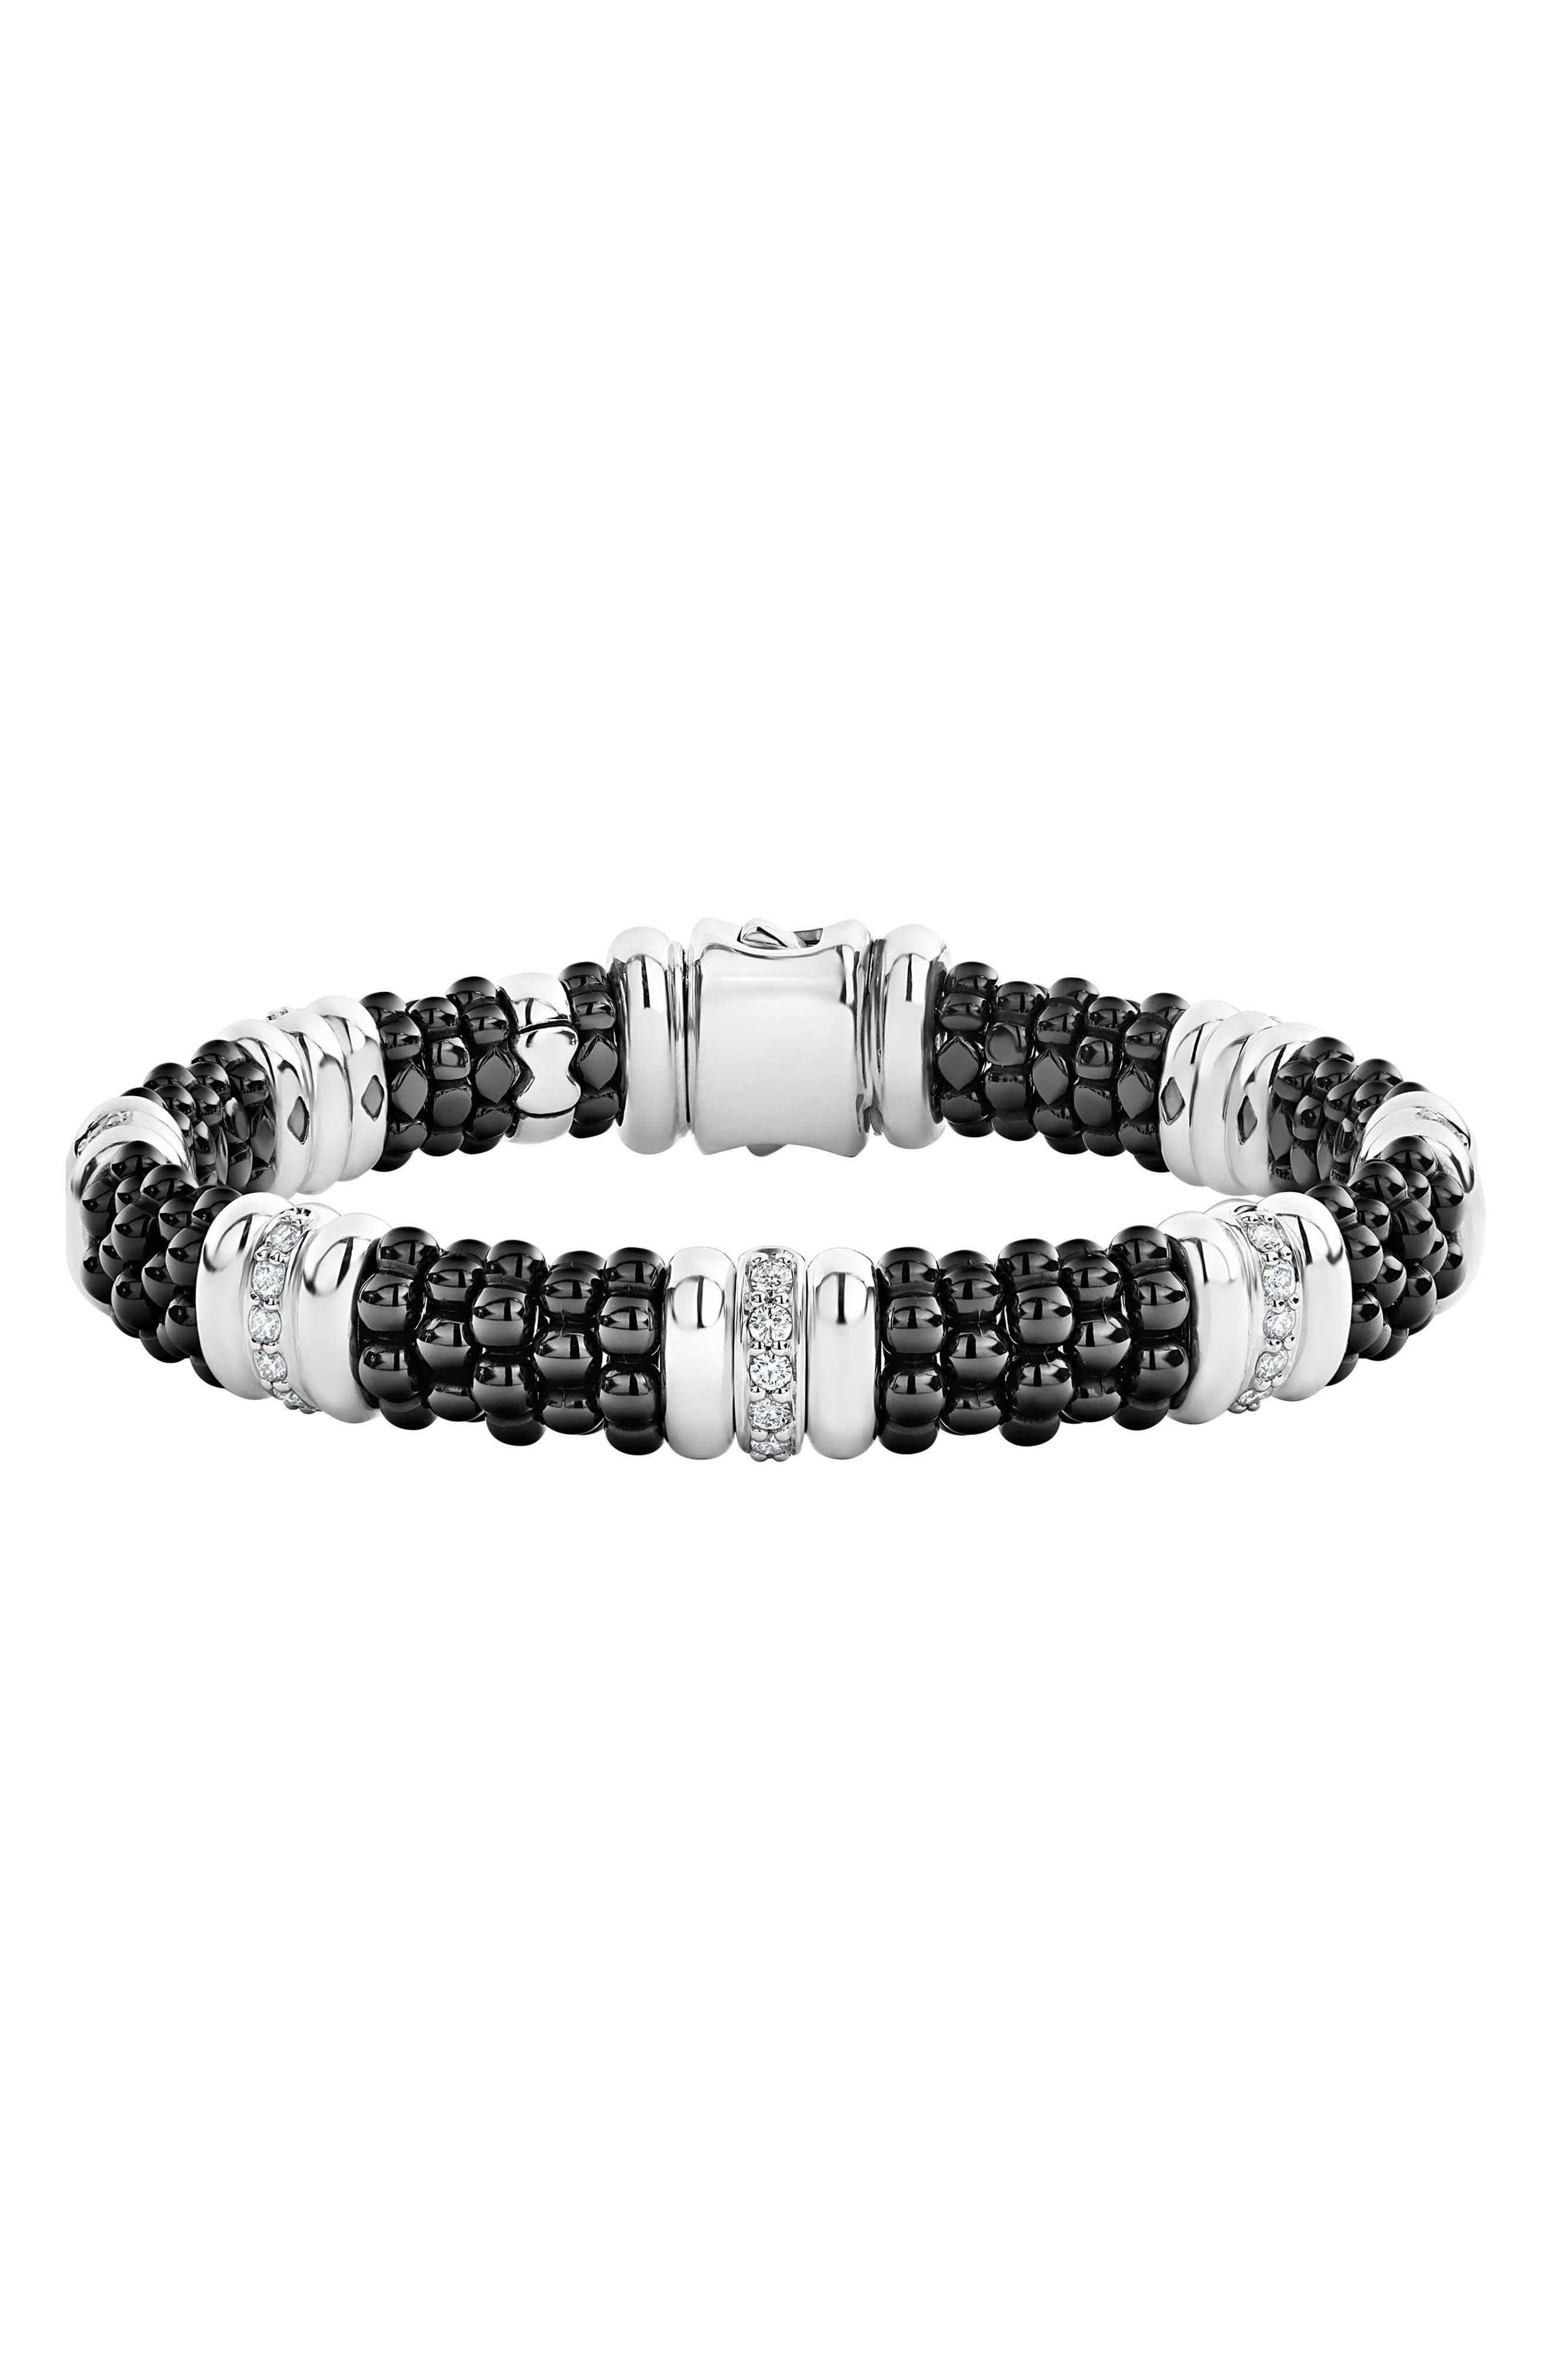 LAOGS Black Caviar Diamond 7-Link Bracelet,                         Main,                         color, SILVER